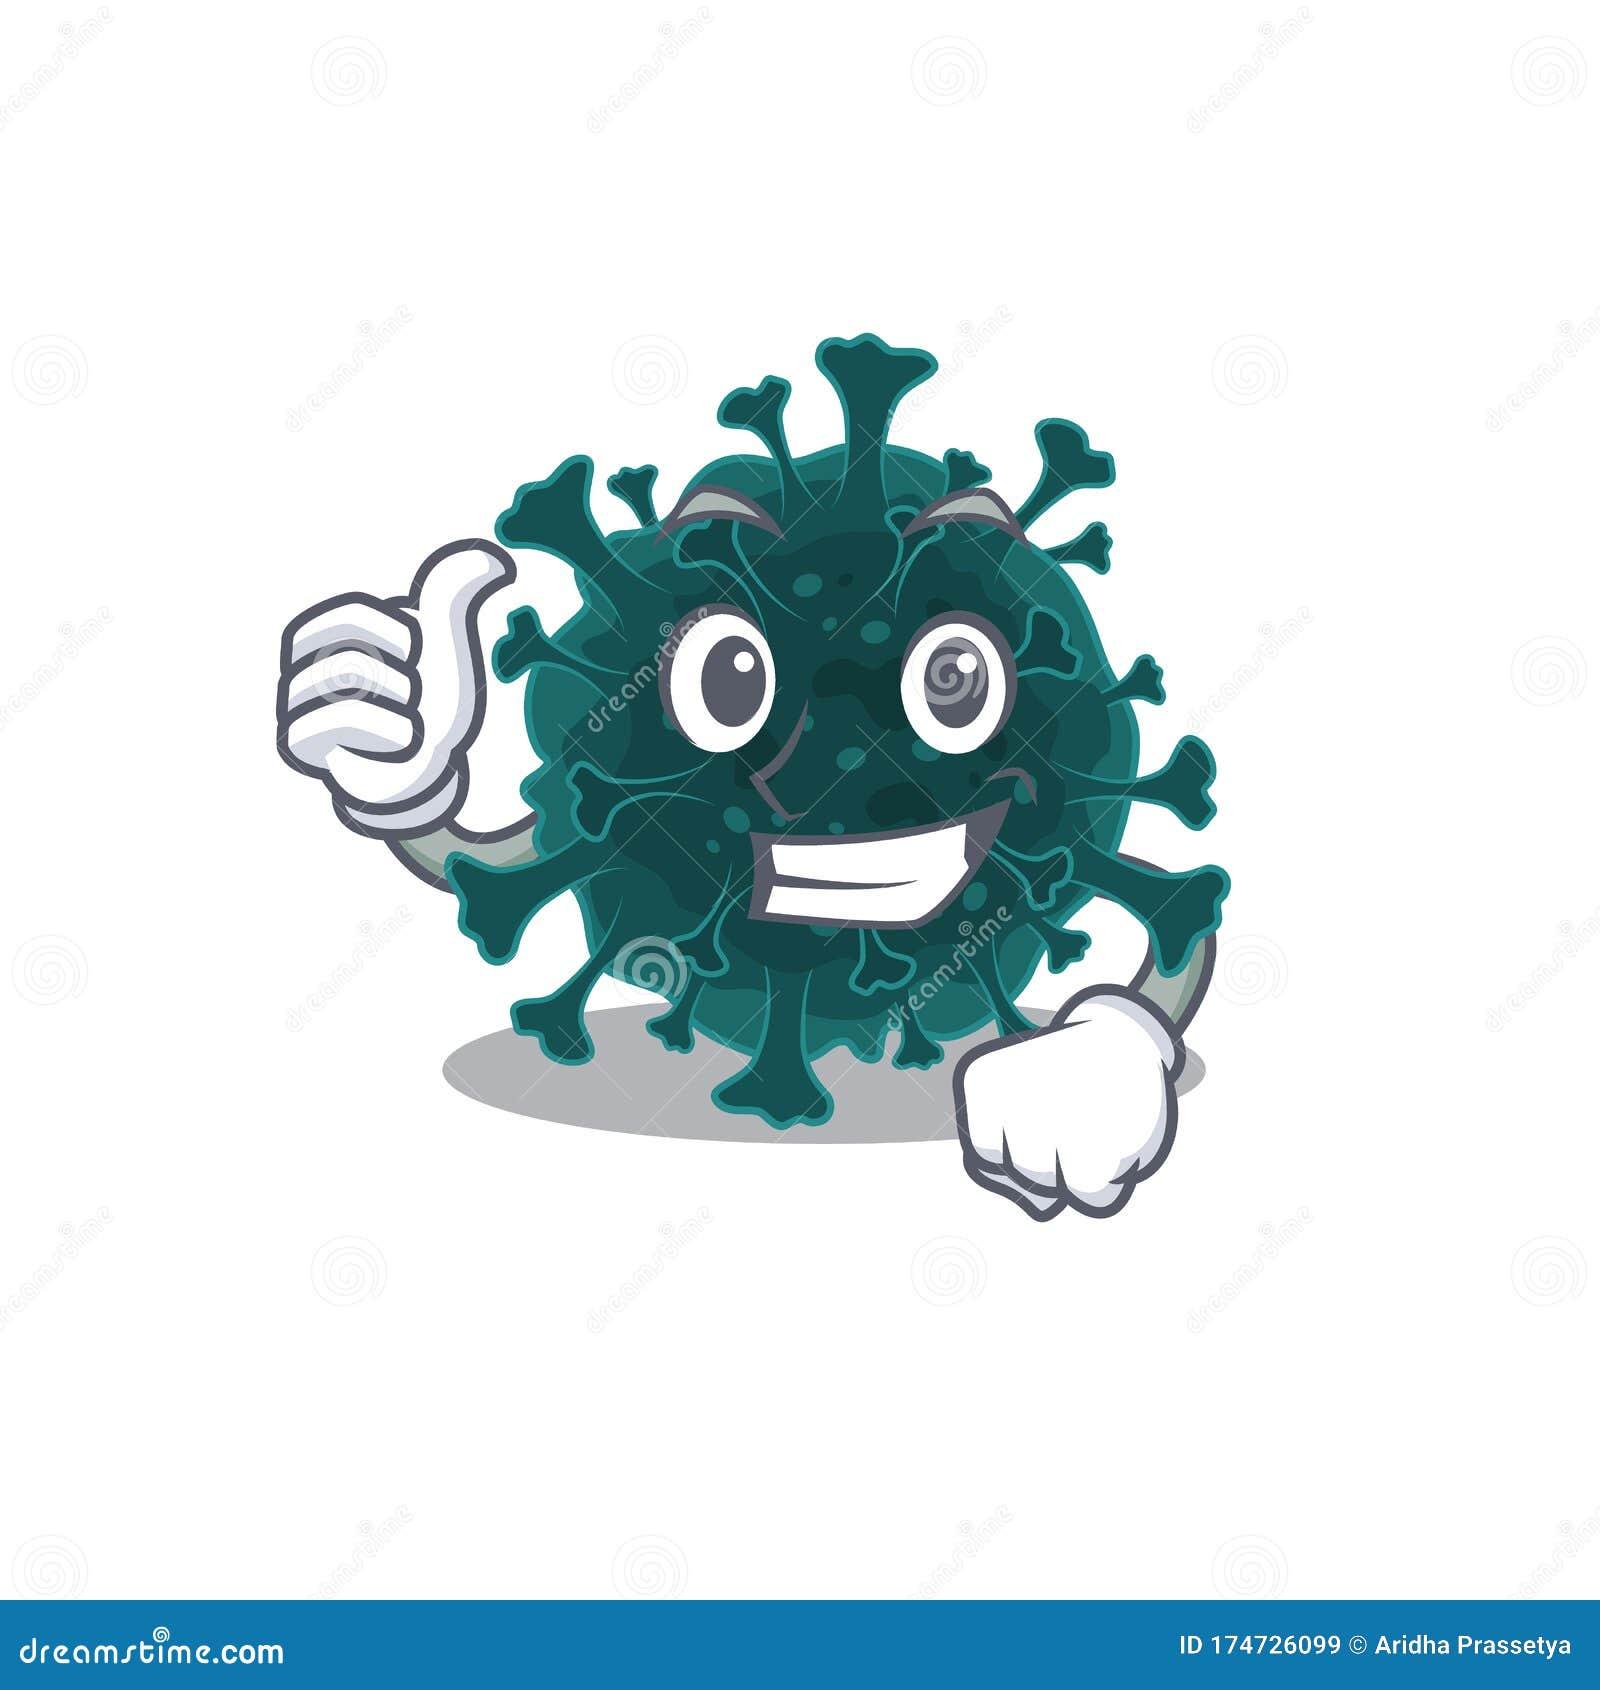 Cool Coronavirus Covid 19 Style De Dessin Anime Faire Thumbs Up Gesture Illustration De Vecteur Illustration Du Dessin Anime 174726099